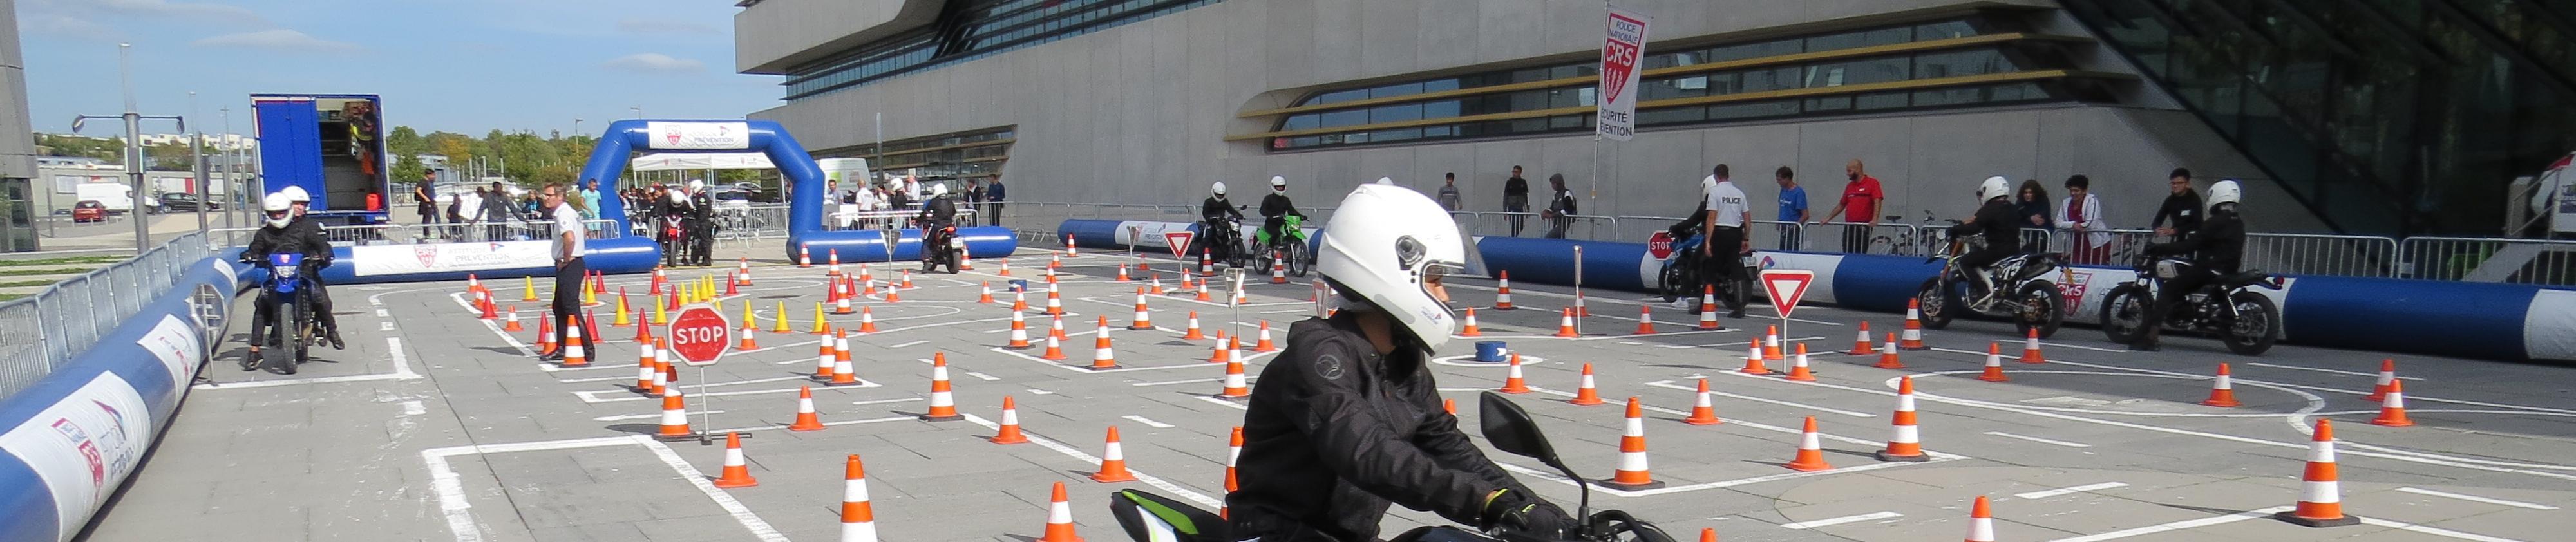 Les jeunes en piste pour la sécurité à Foix du 4 au 7/11